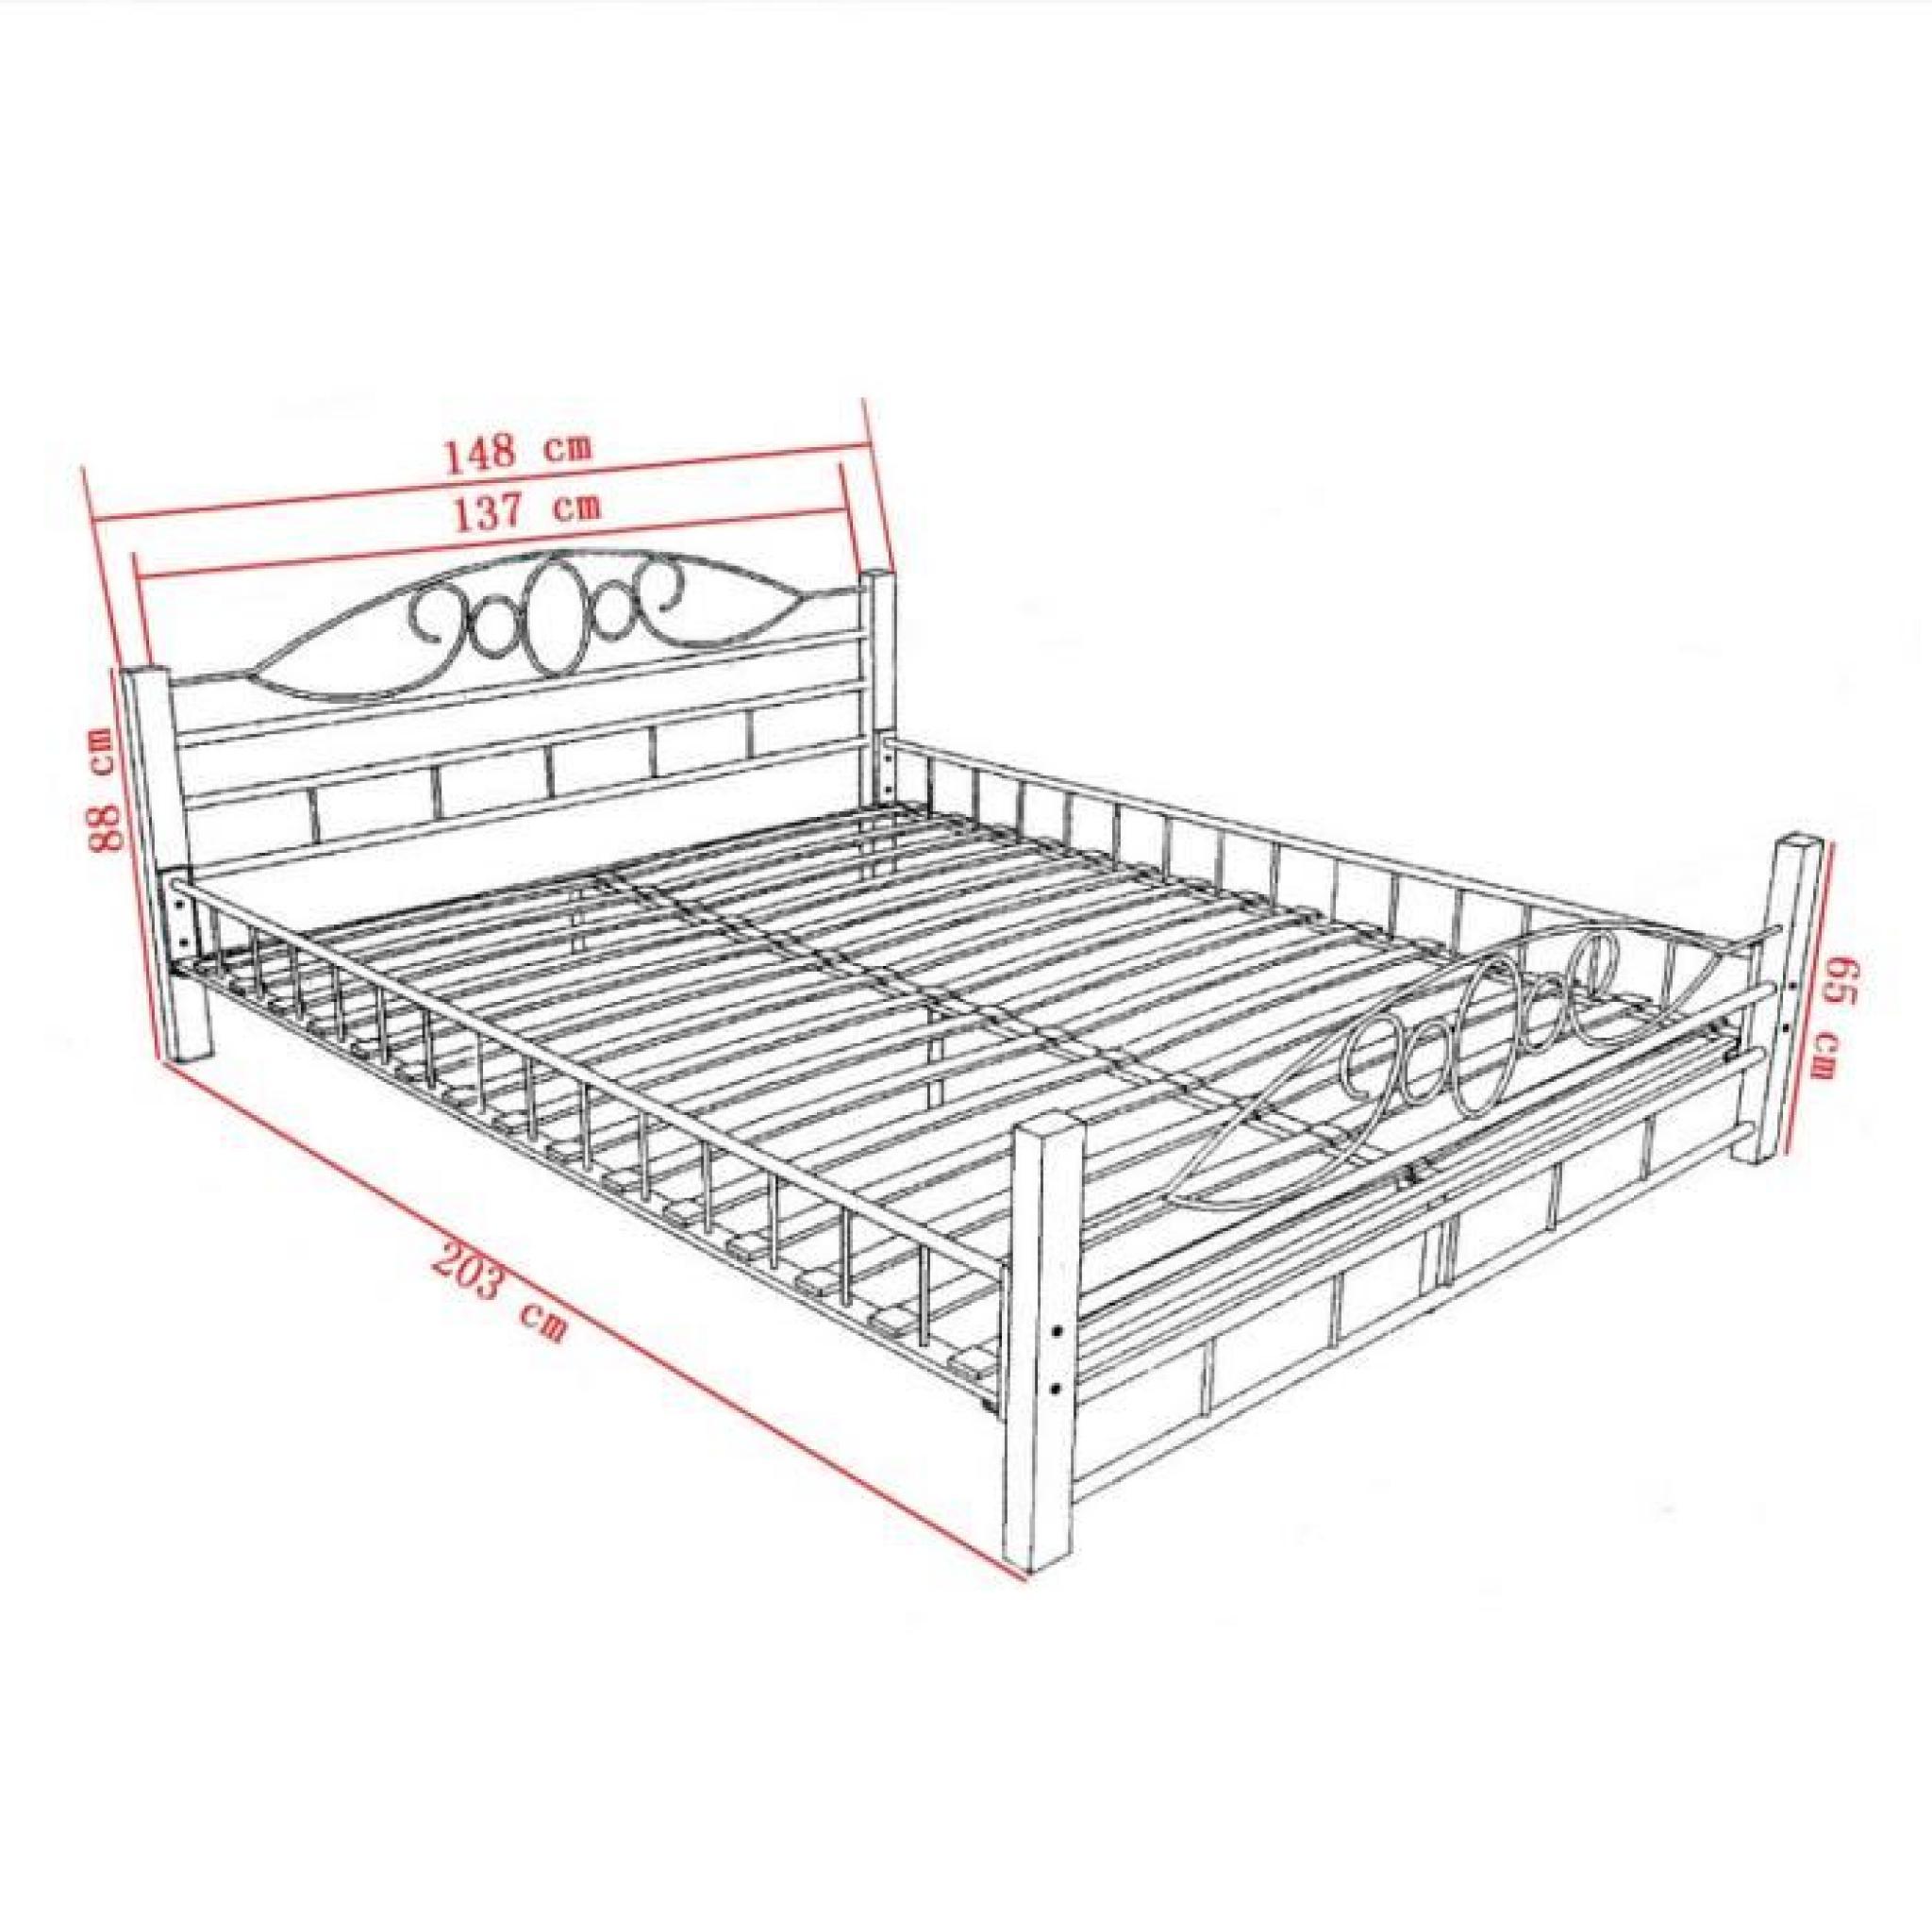 lit en m tal et pieds en bois 140 x 200 cm achat vente lit pas cher couleur et. Black Bedroom Furniture Sets. Home Design Ideas